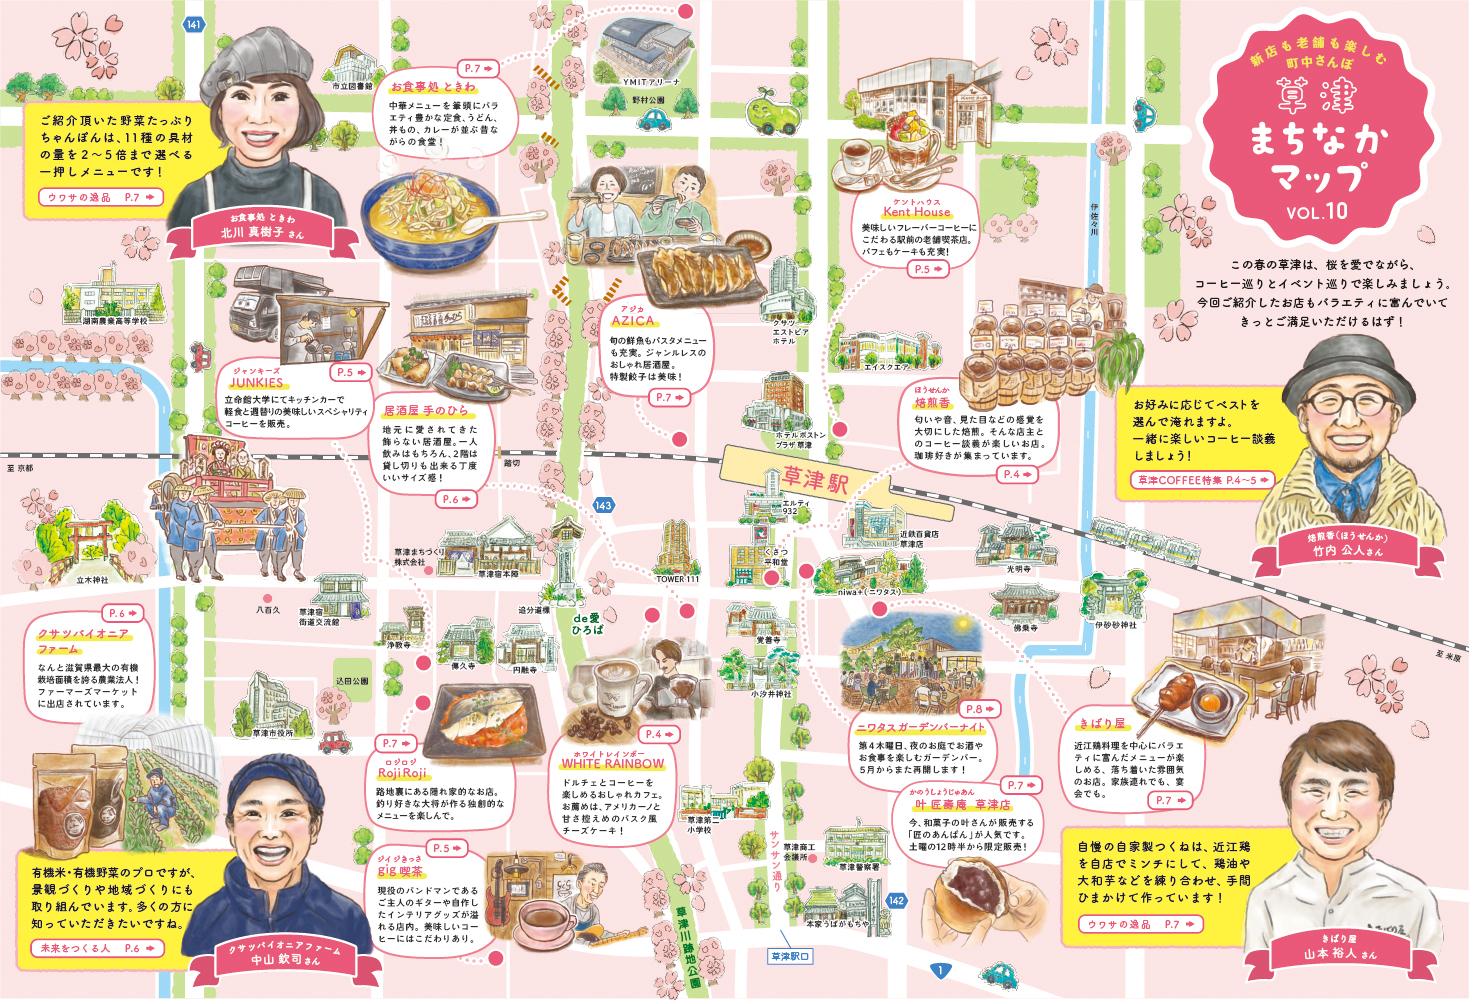 草津まちなかMAP Vol.10